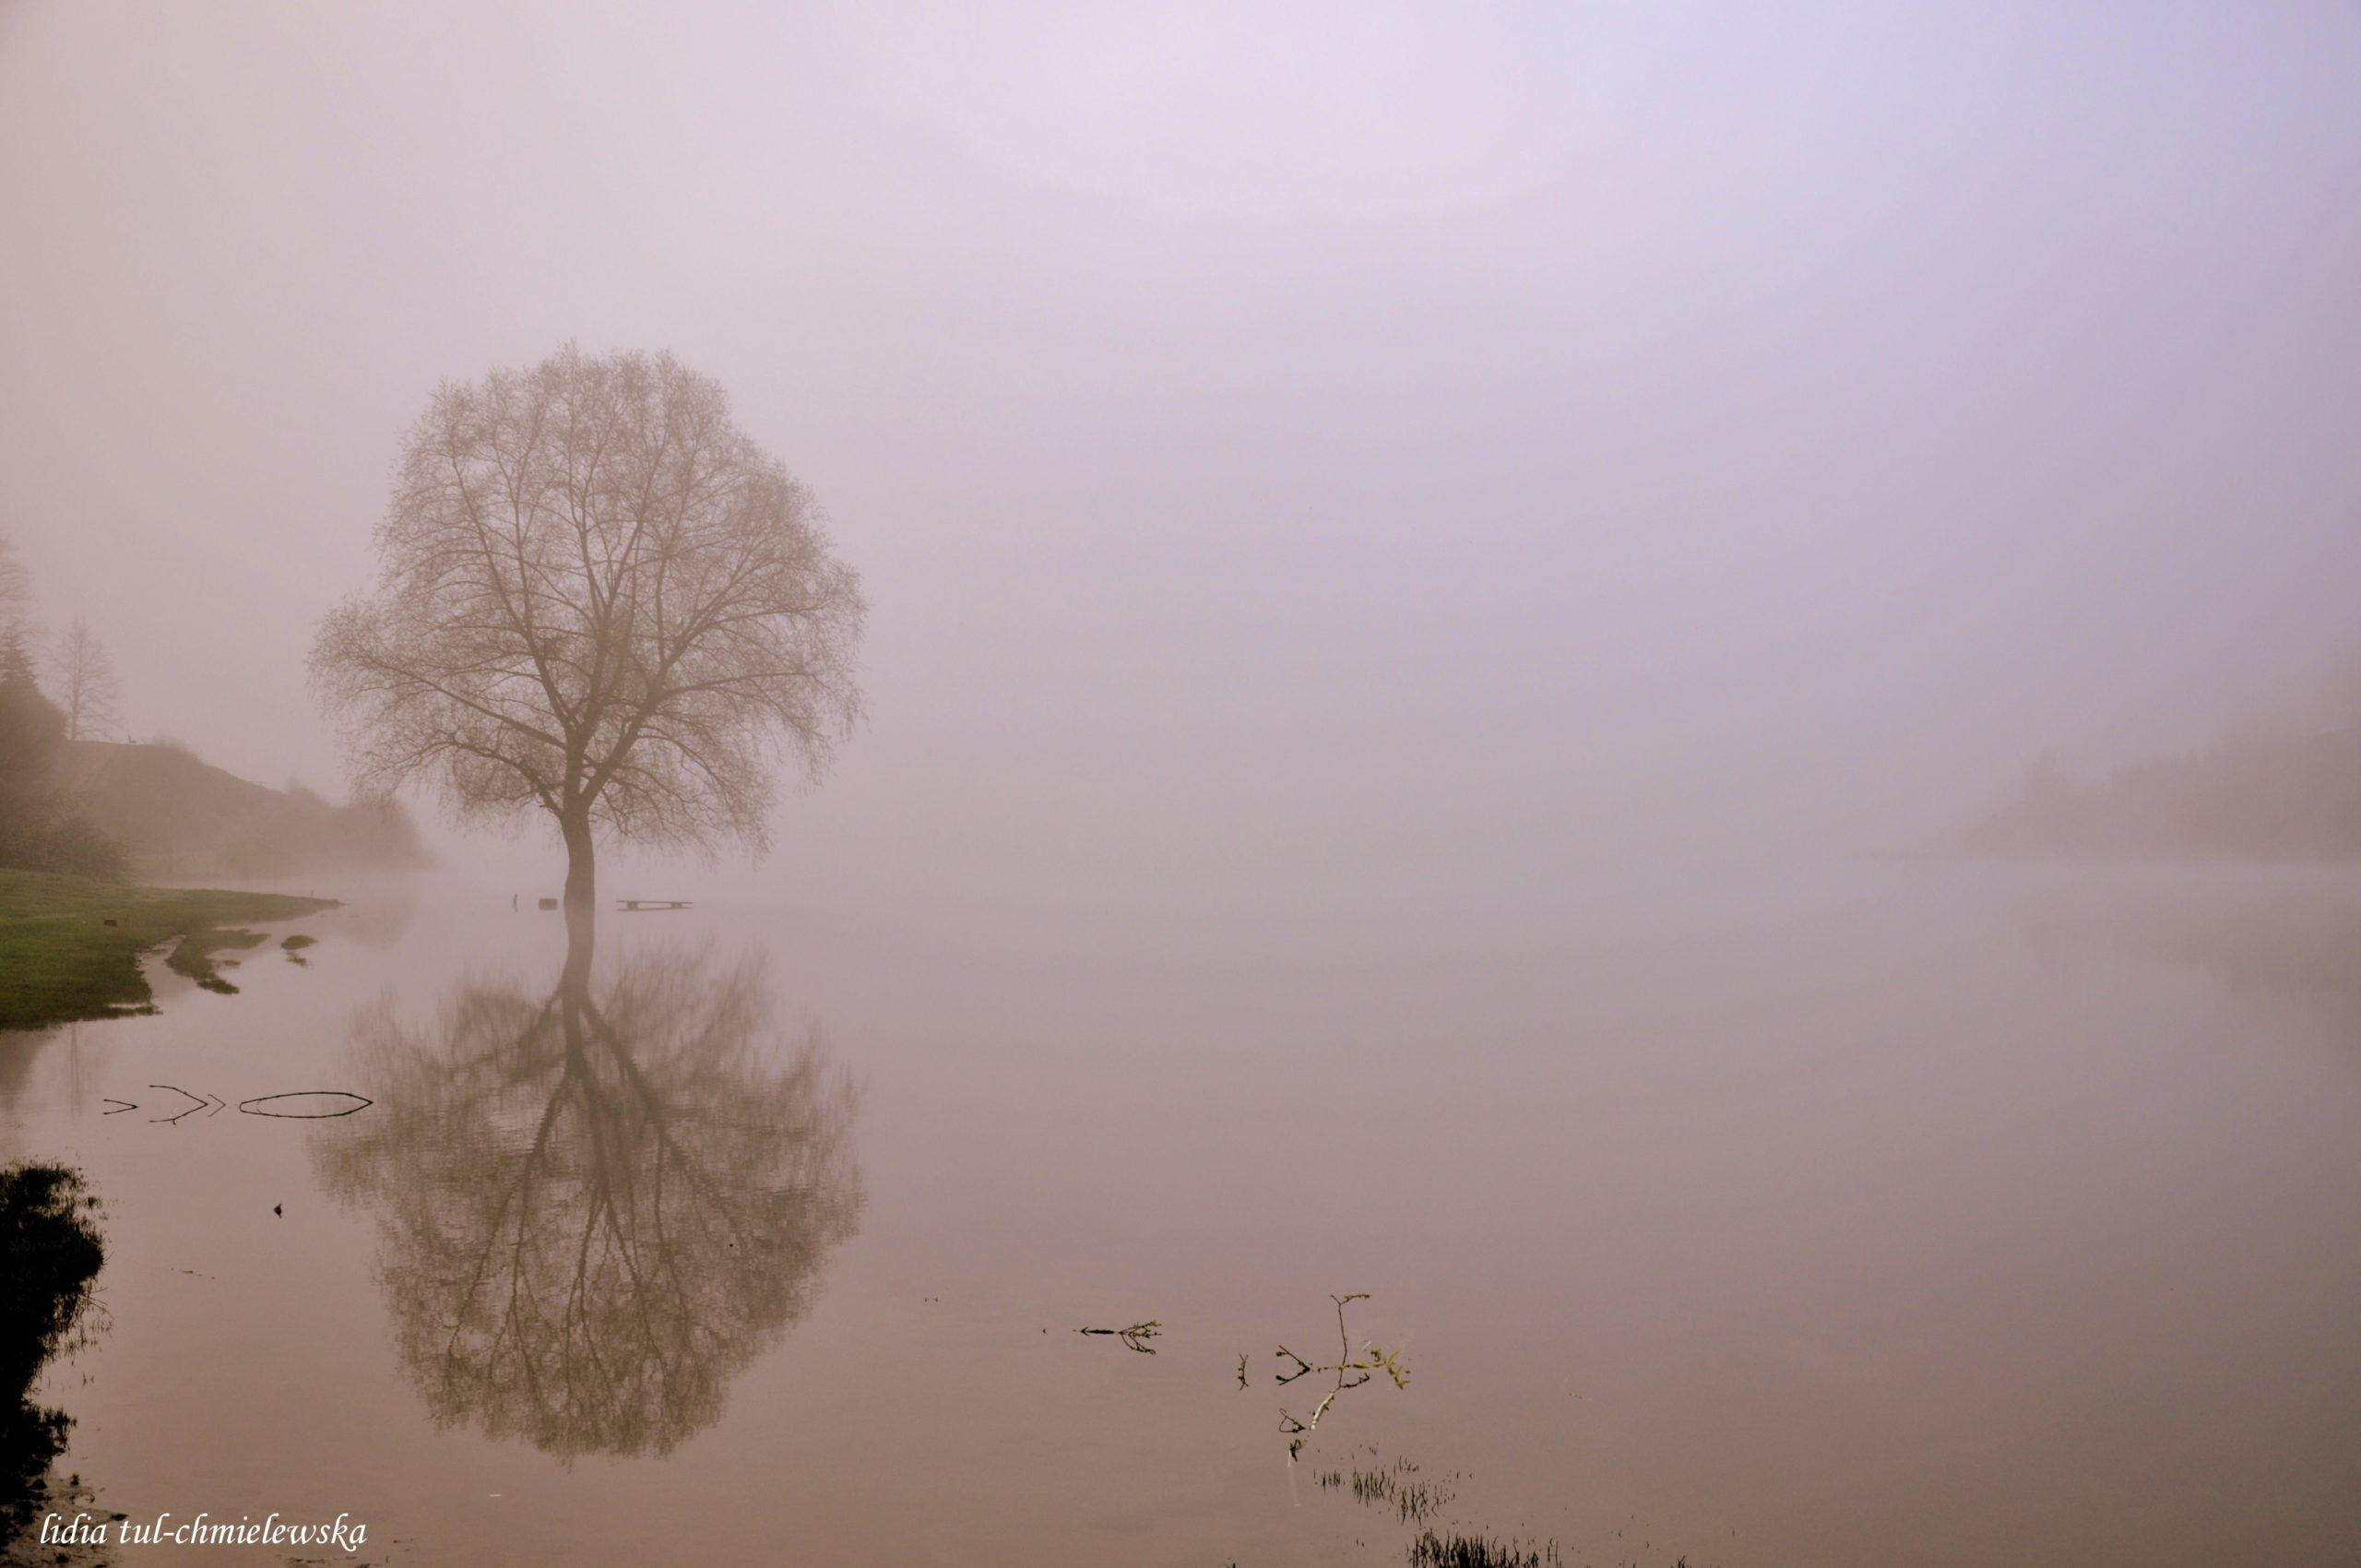 Samotność/ fot. Lidia Tul-Chmielewska